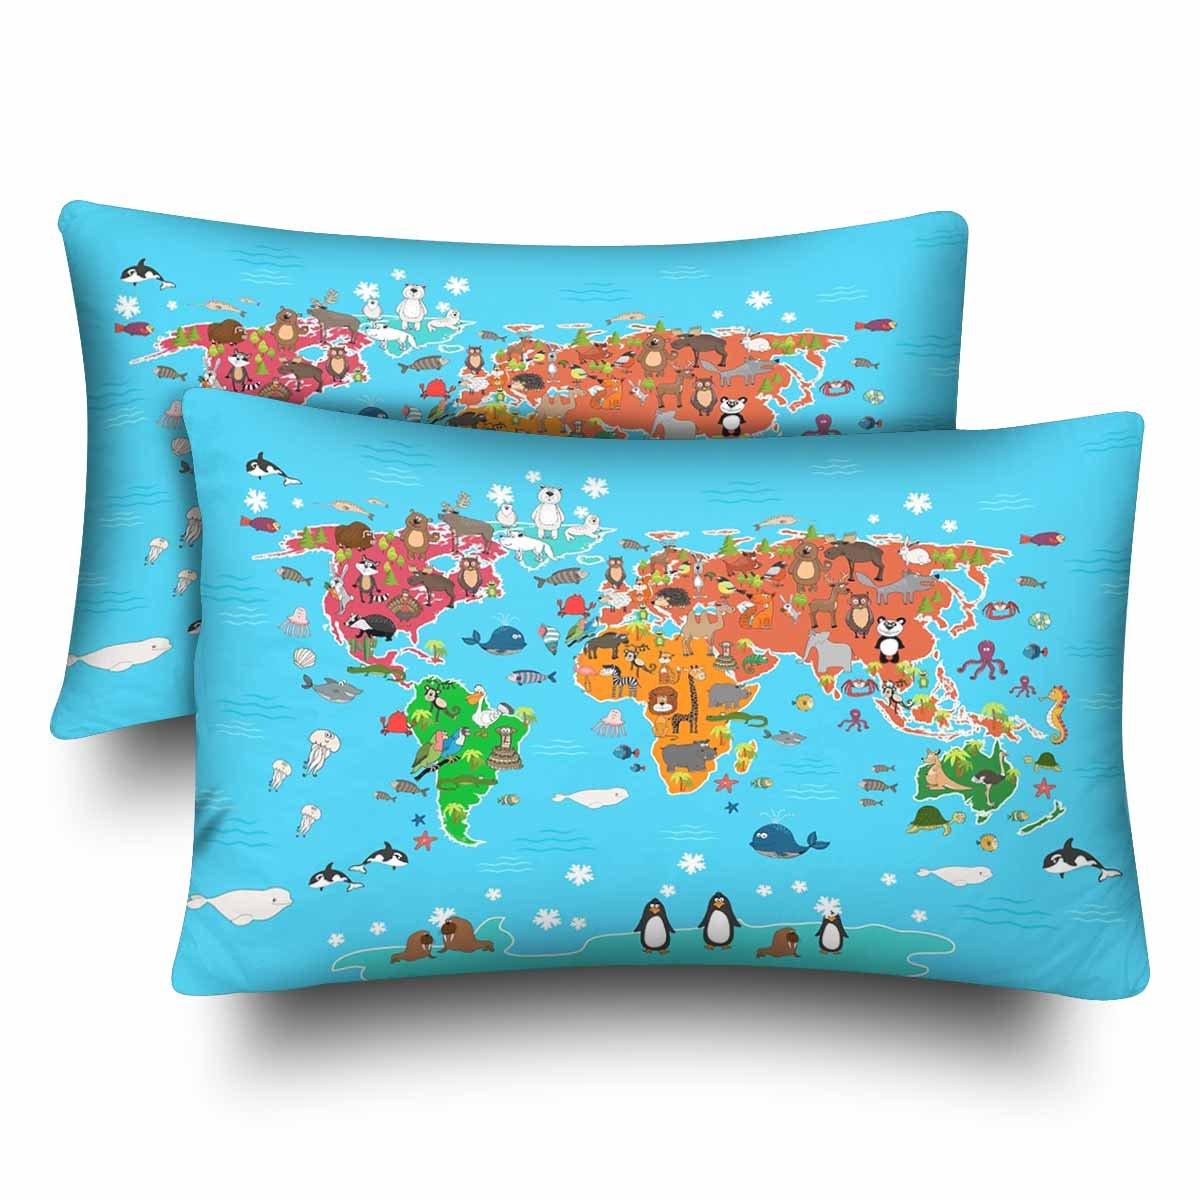 InterestPrint - Juego de 2 fundas de almohada rectangulares ...